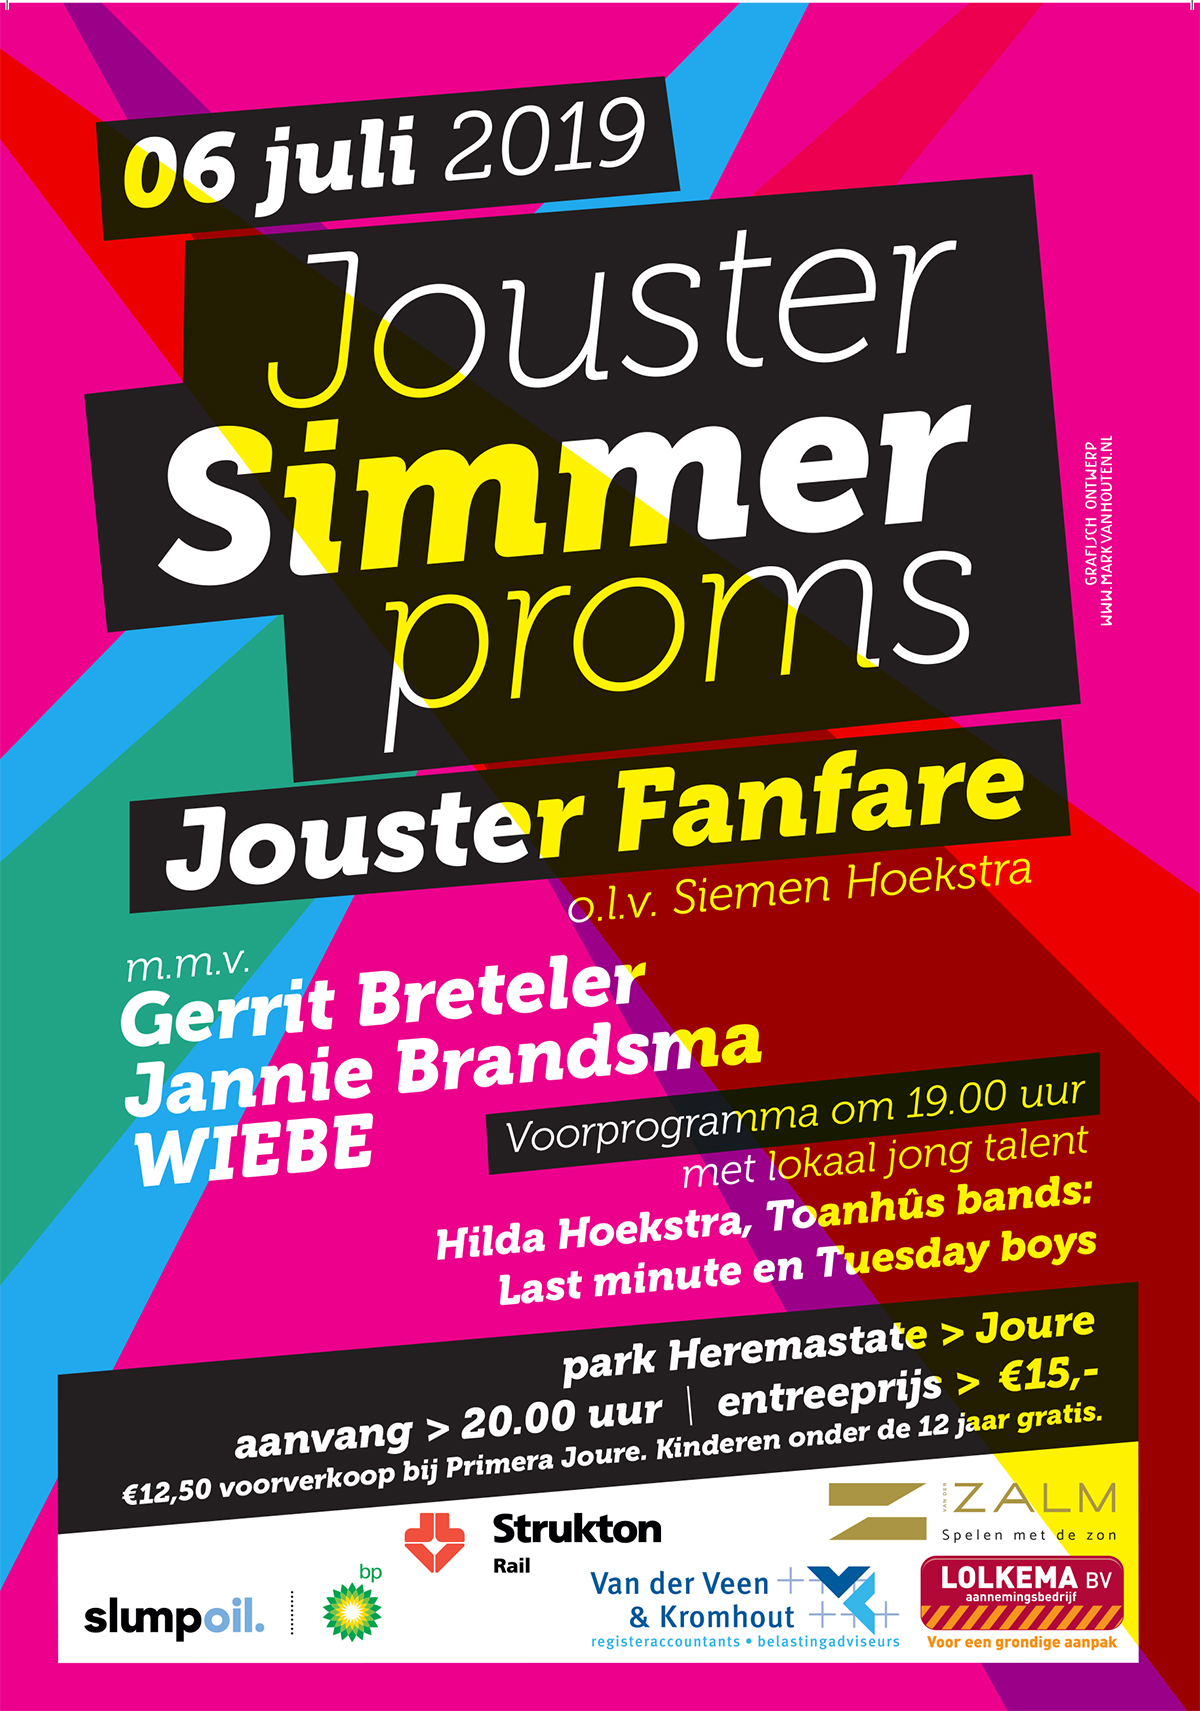 Jouster Simmer Proms 3 juni - 6 juli